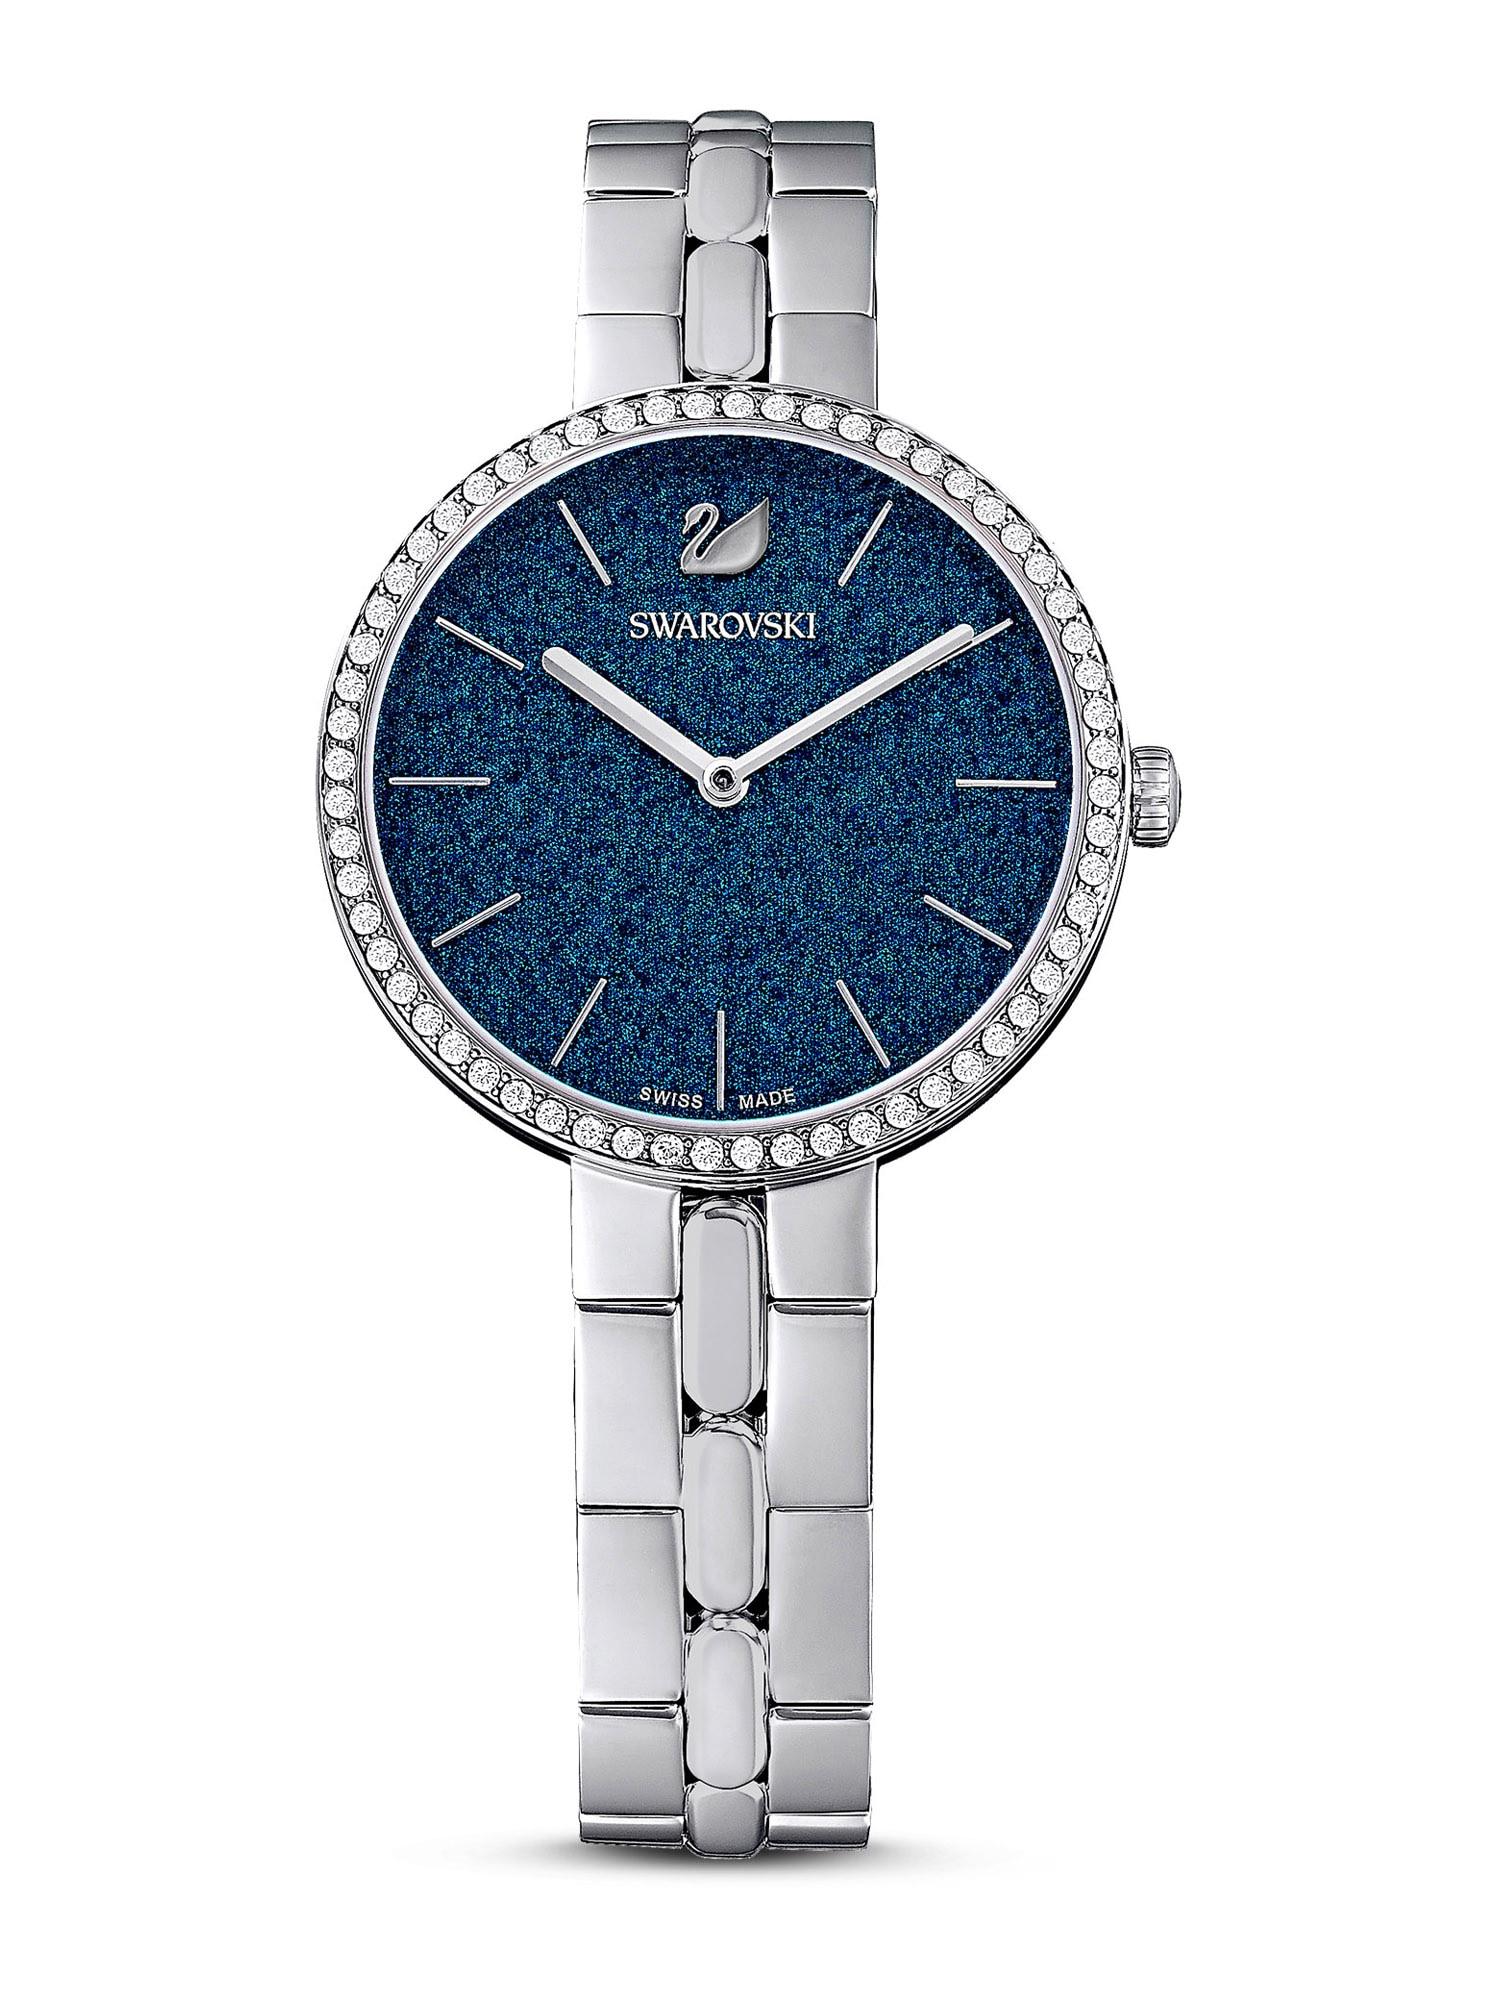 Swarovski Analoginis (įprasto dizaino) laikrodis sidabrinė / tamsiai mėlyna